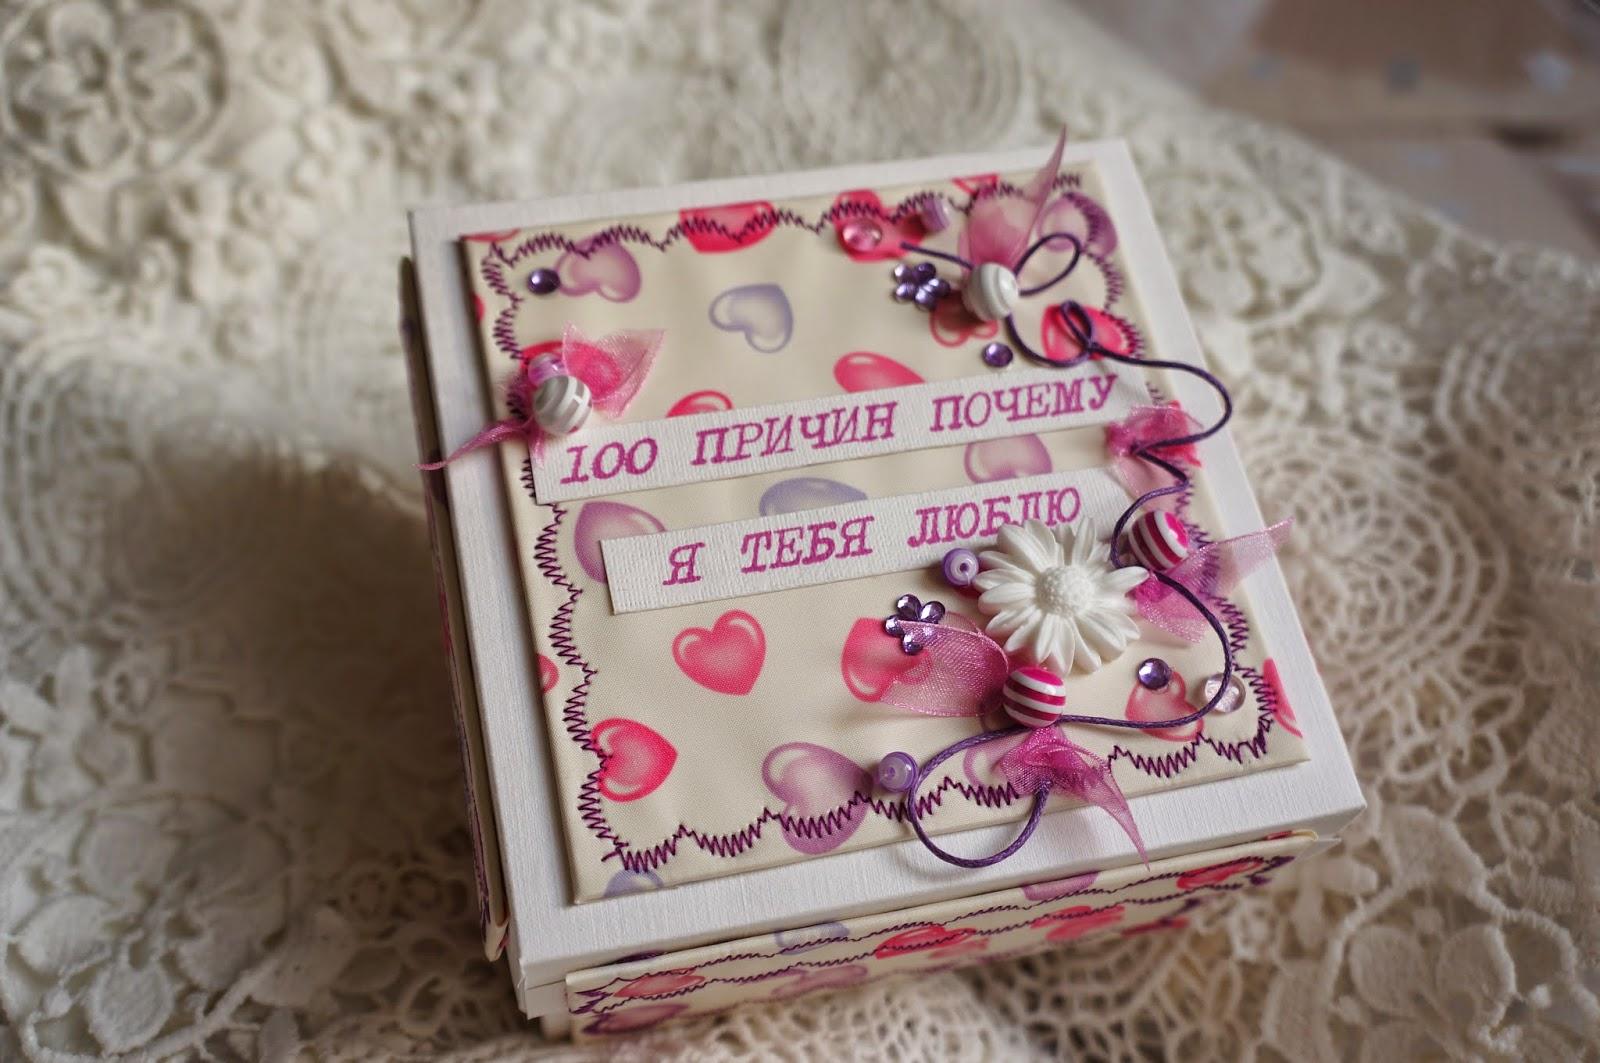 100 причин, почему я люблю тебя: как сделать баночку, коробку